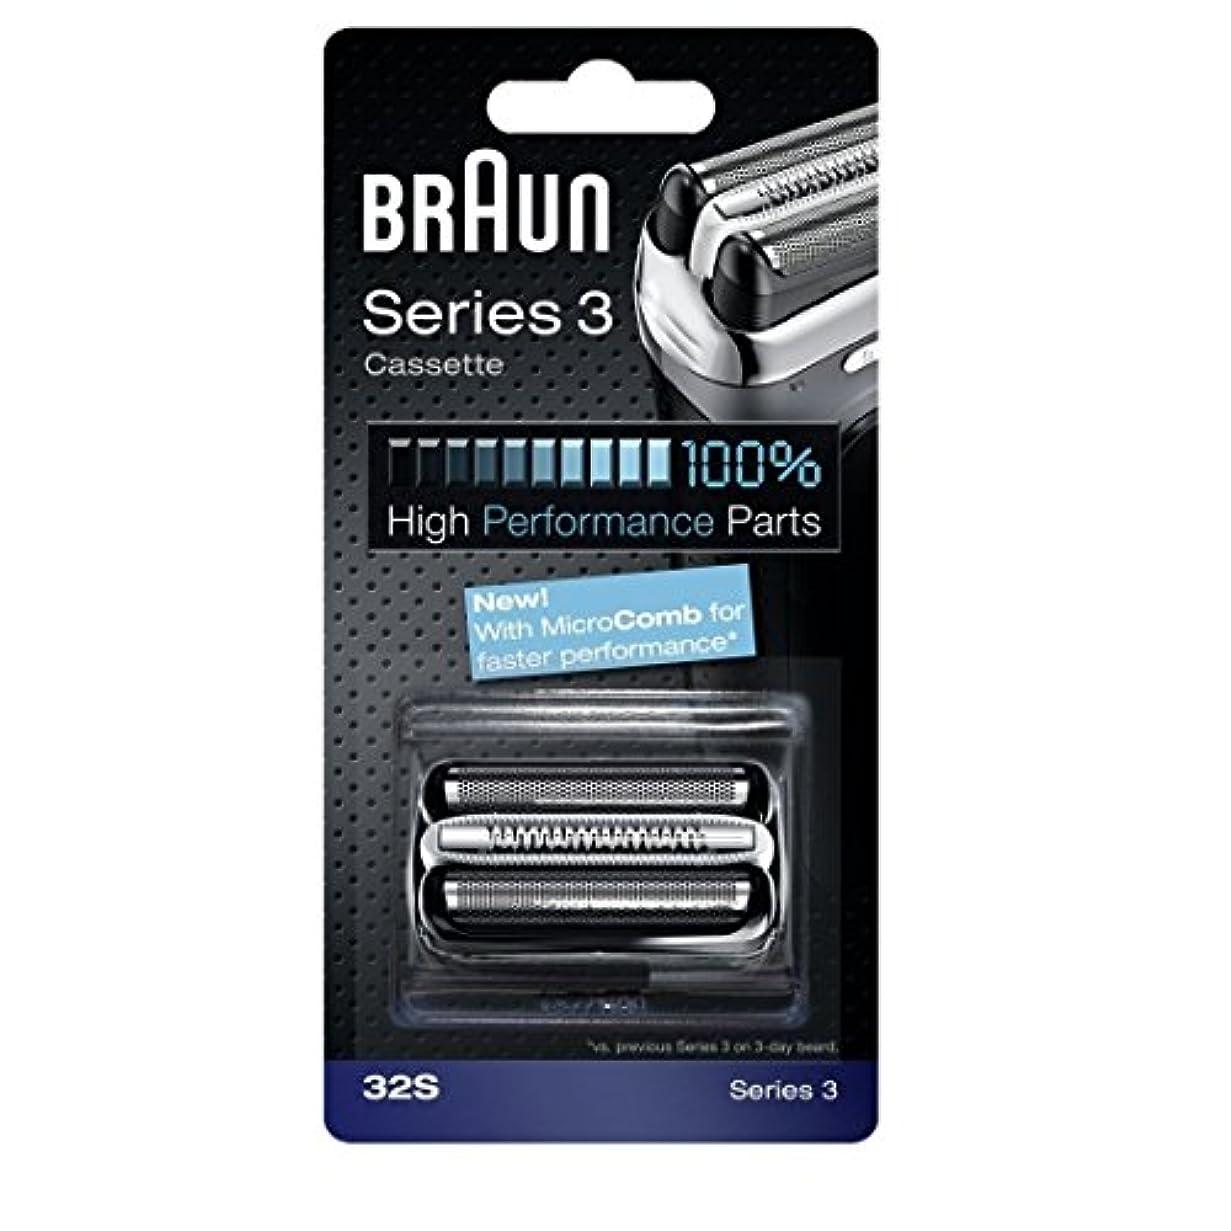 削除するしなやかな協力的ブラウン シェーバー 網刃?内刃一体型カセット 32S 並行輸入品